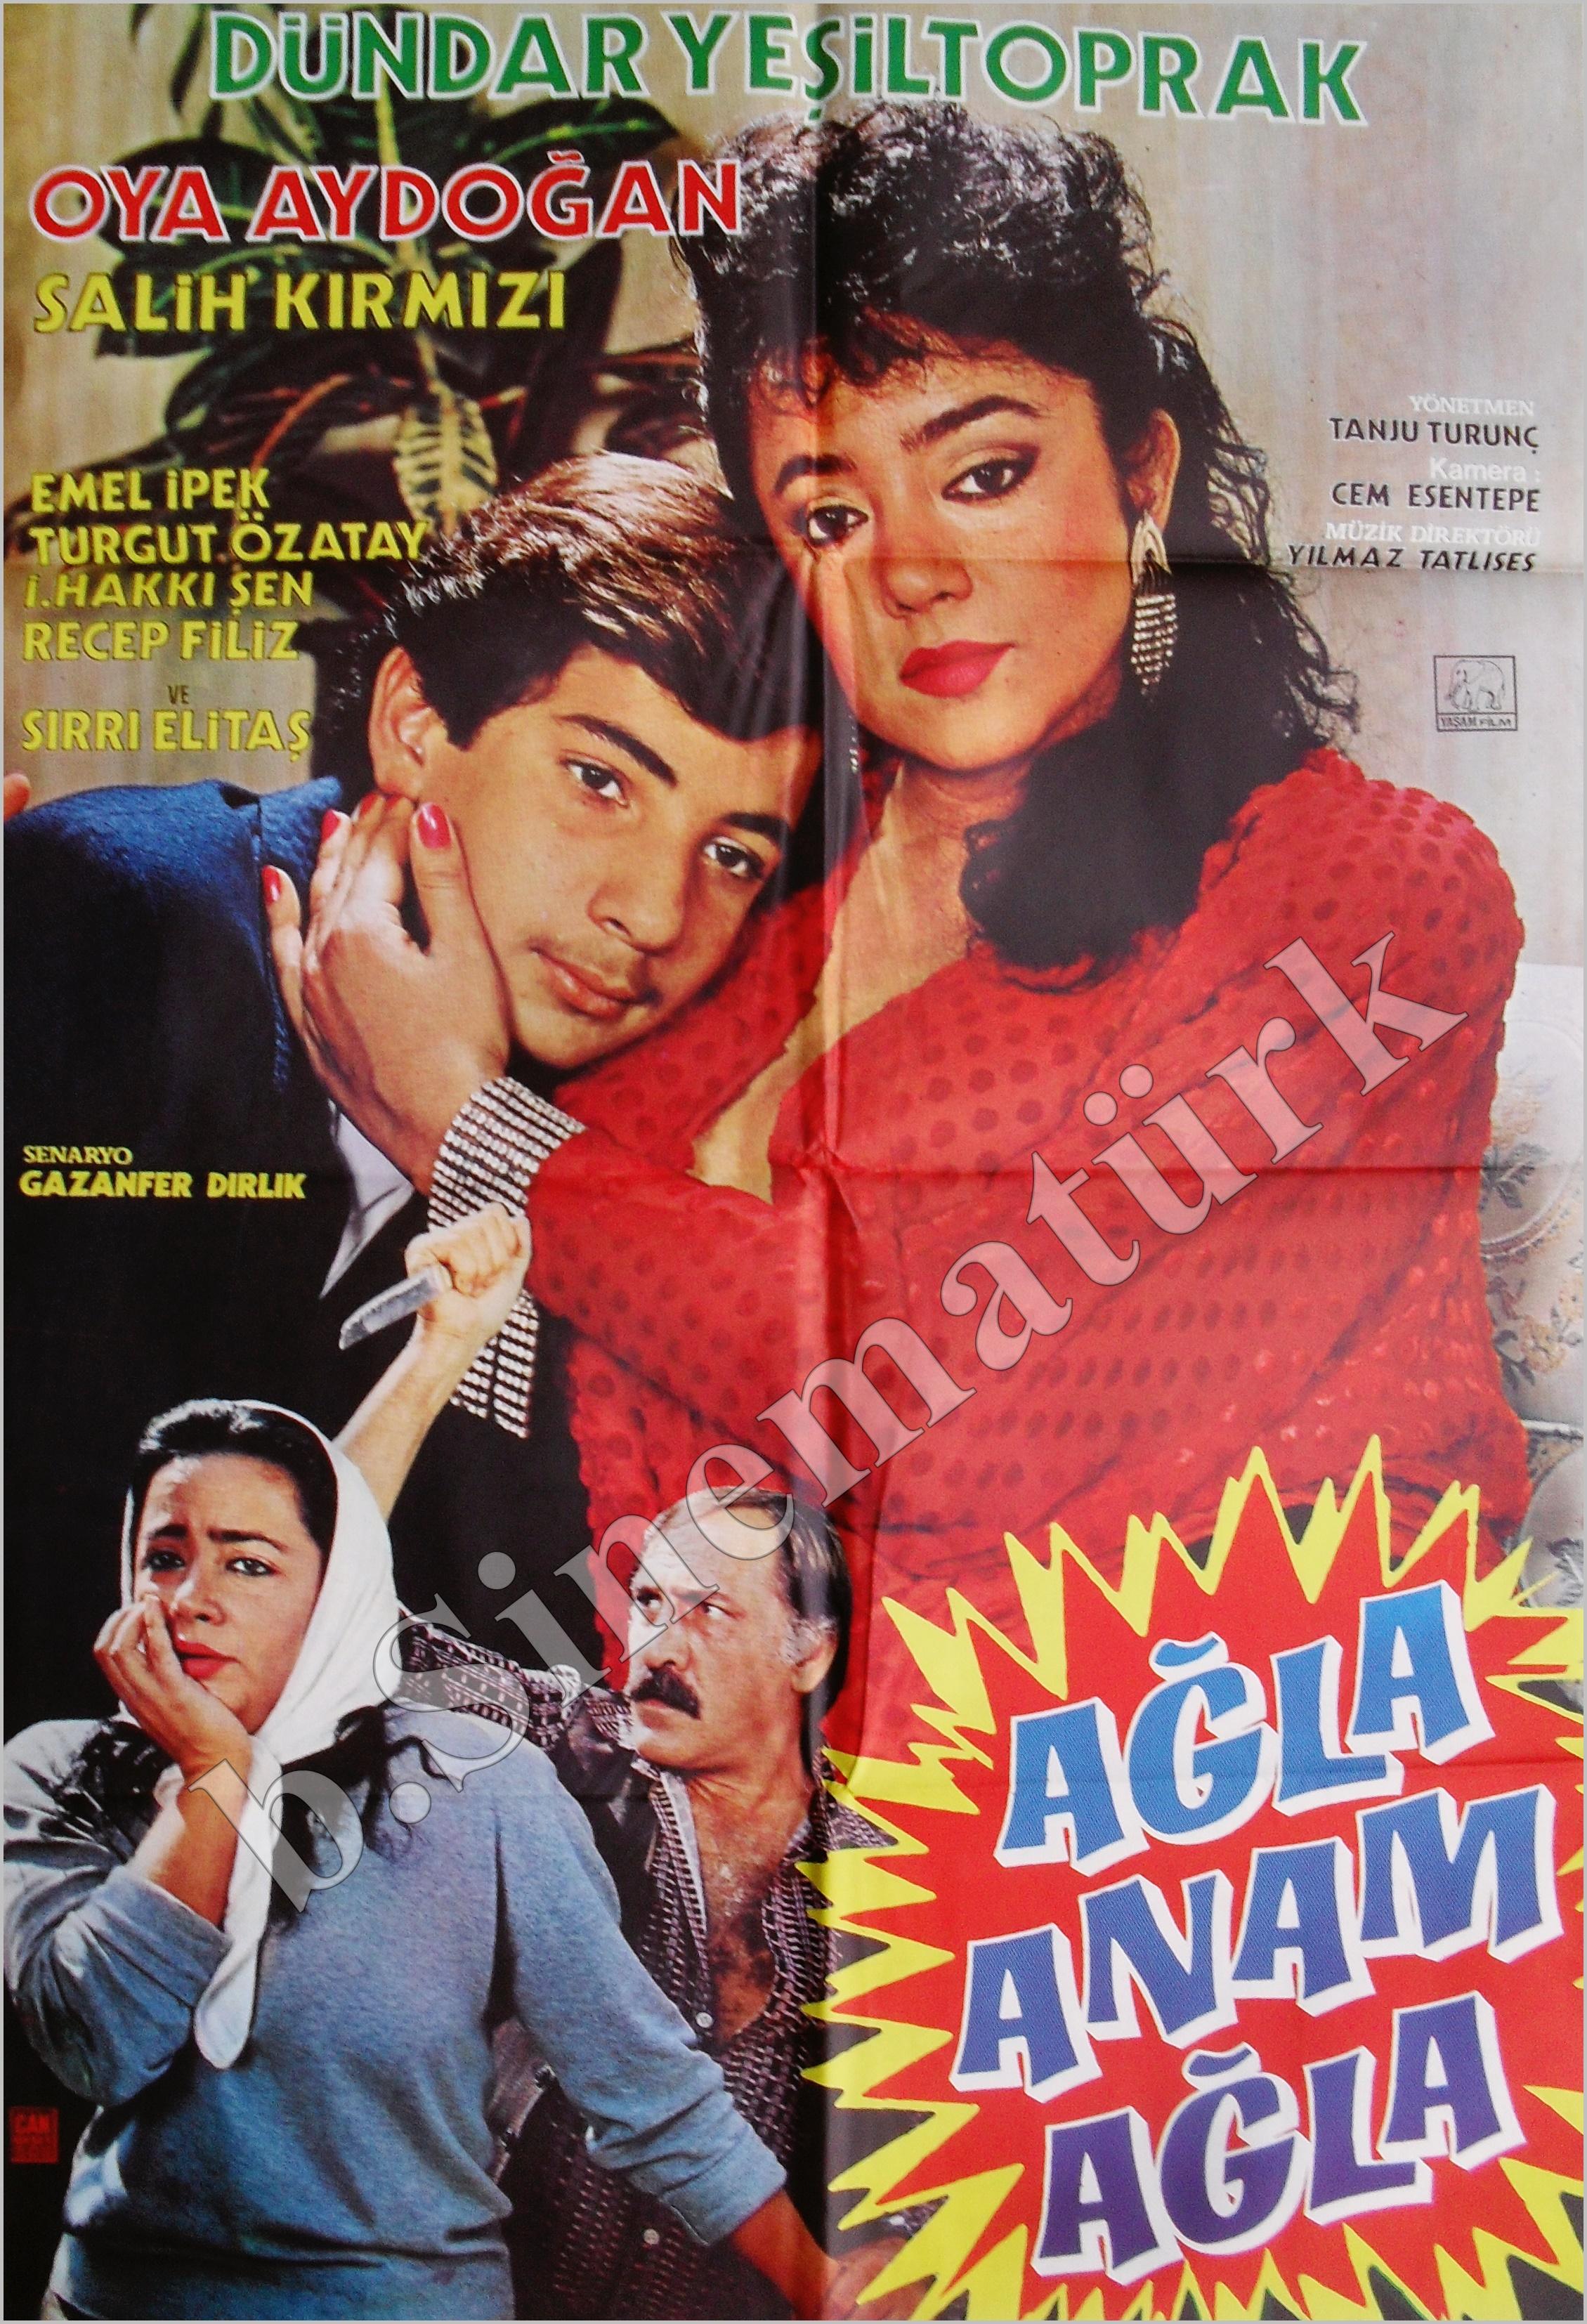 Agla anam agla ((1986))